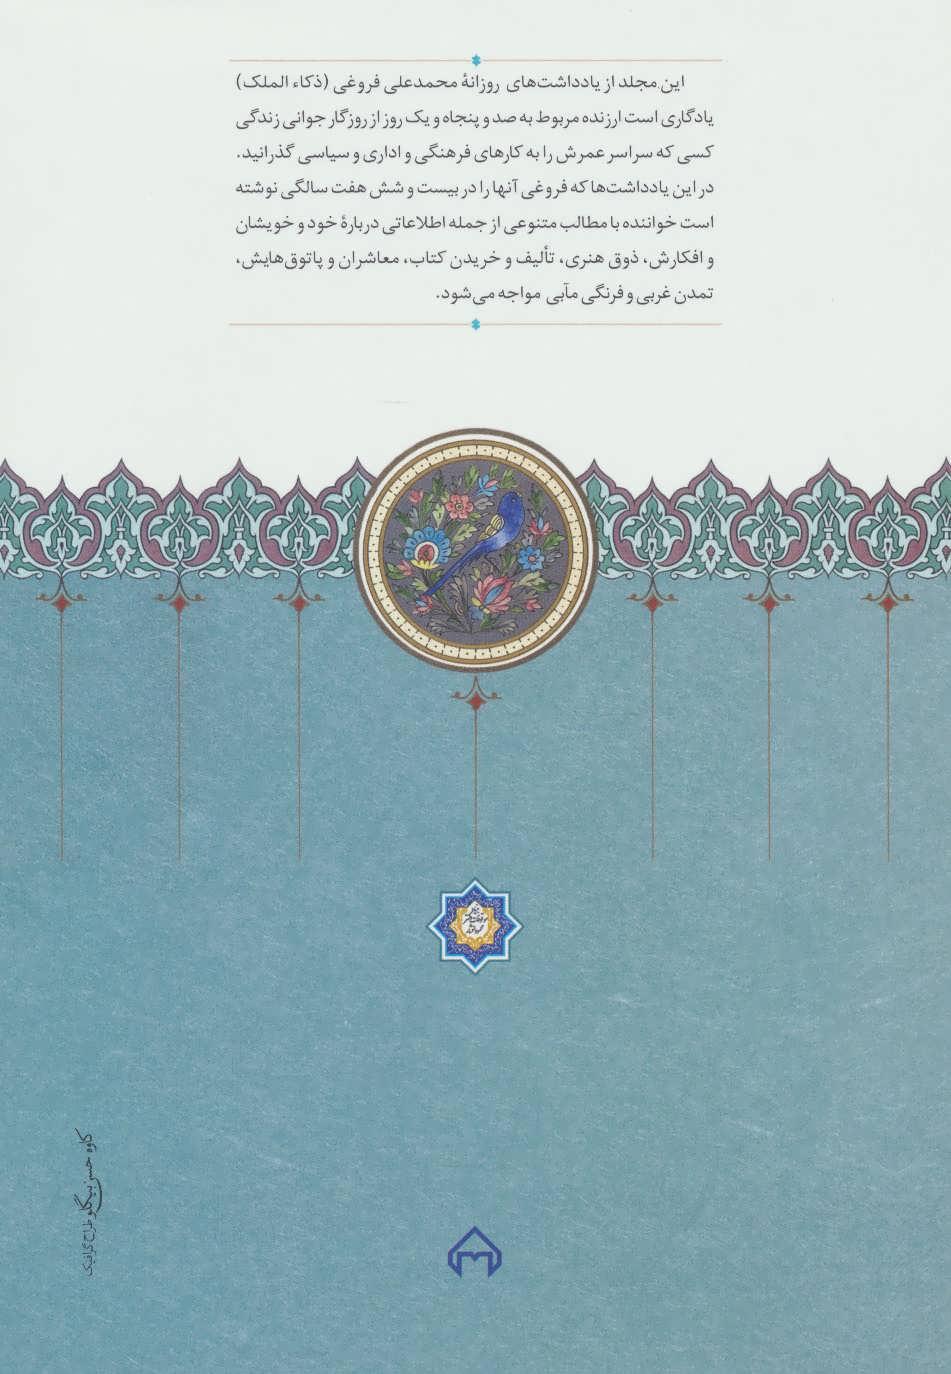 یادداشت های روزانه از محمدعلی فروغی (26 شوال 1321-28 ربیع الاول 1322 قمری)